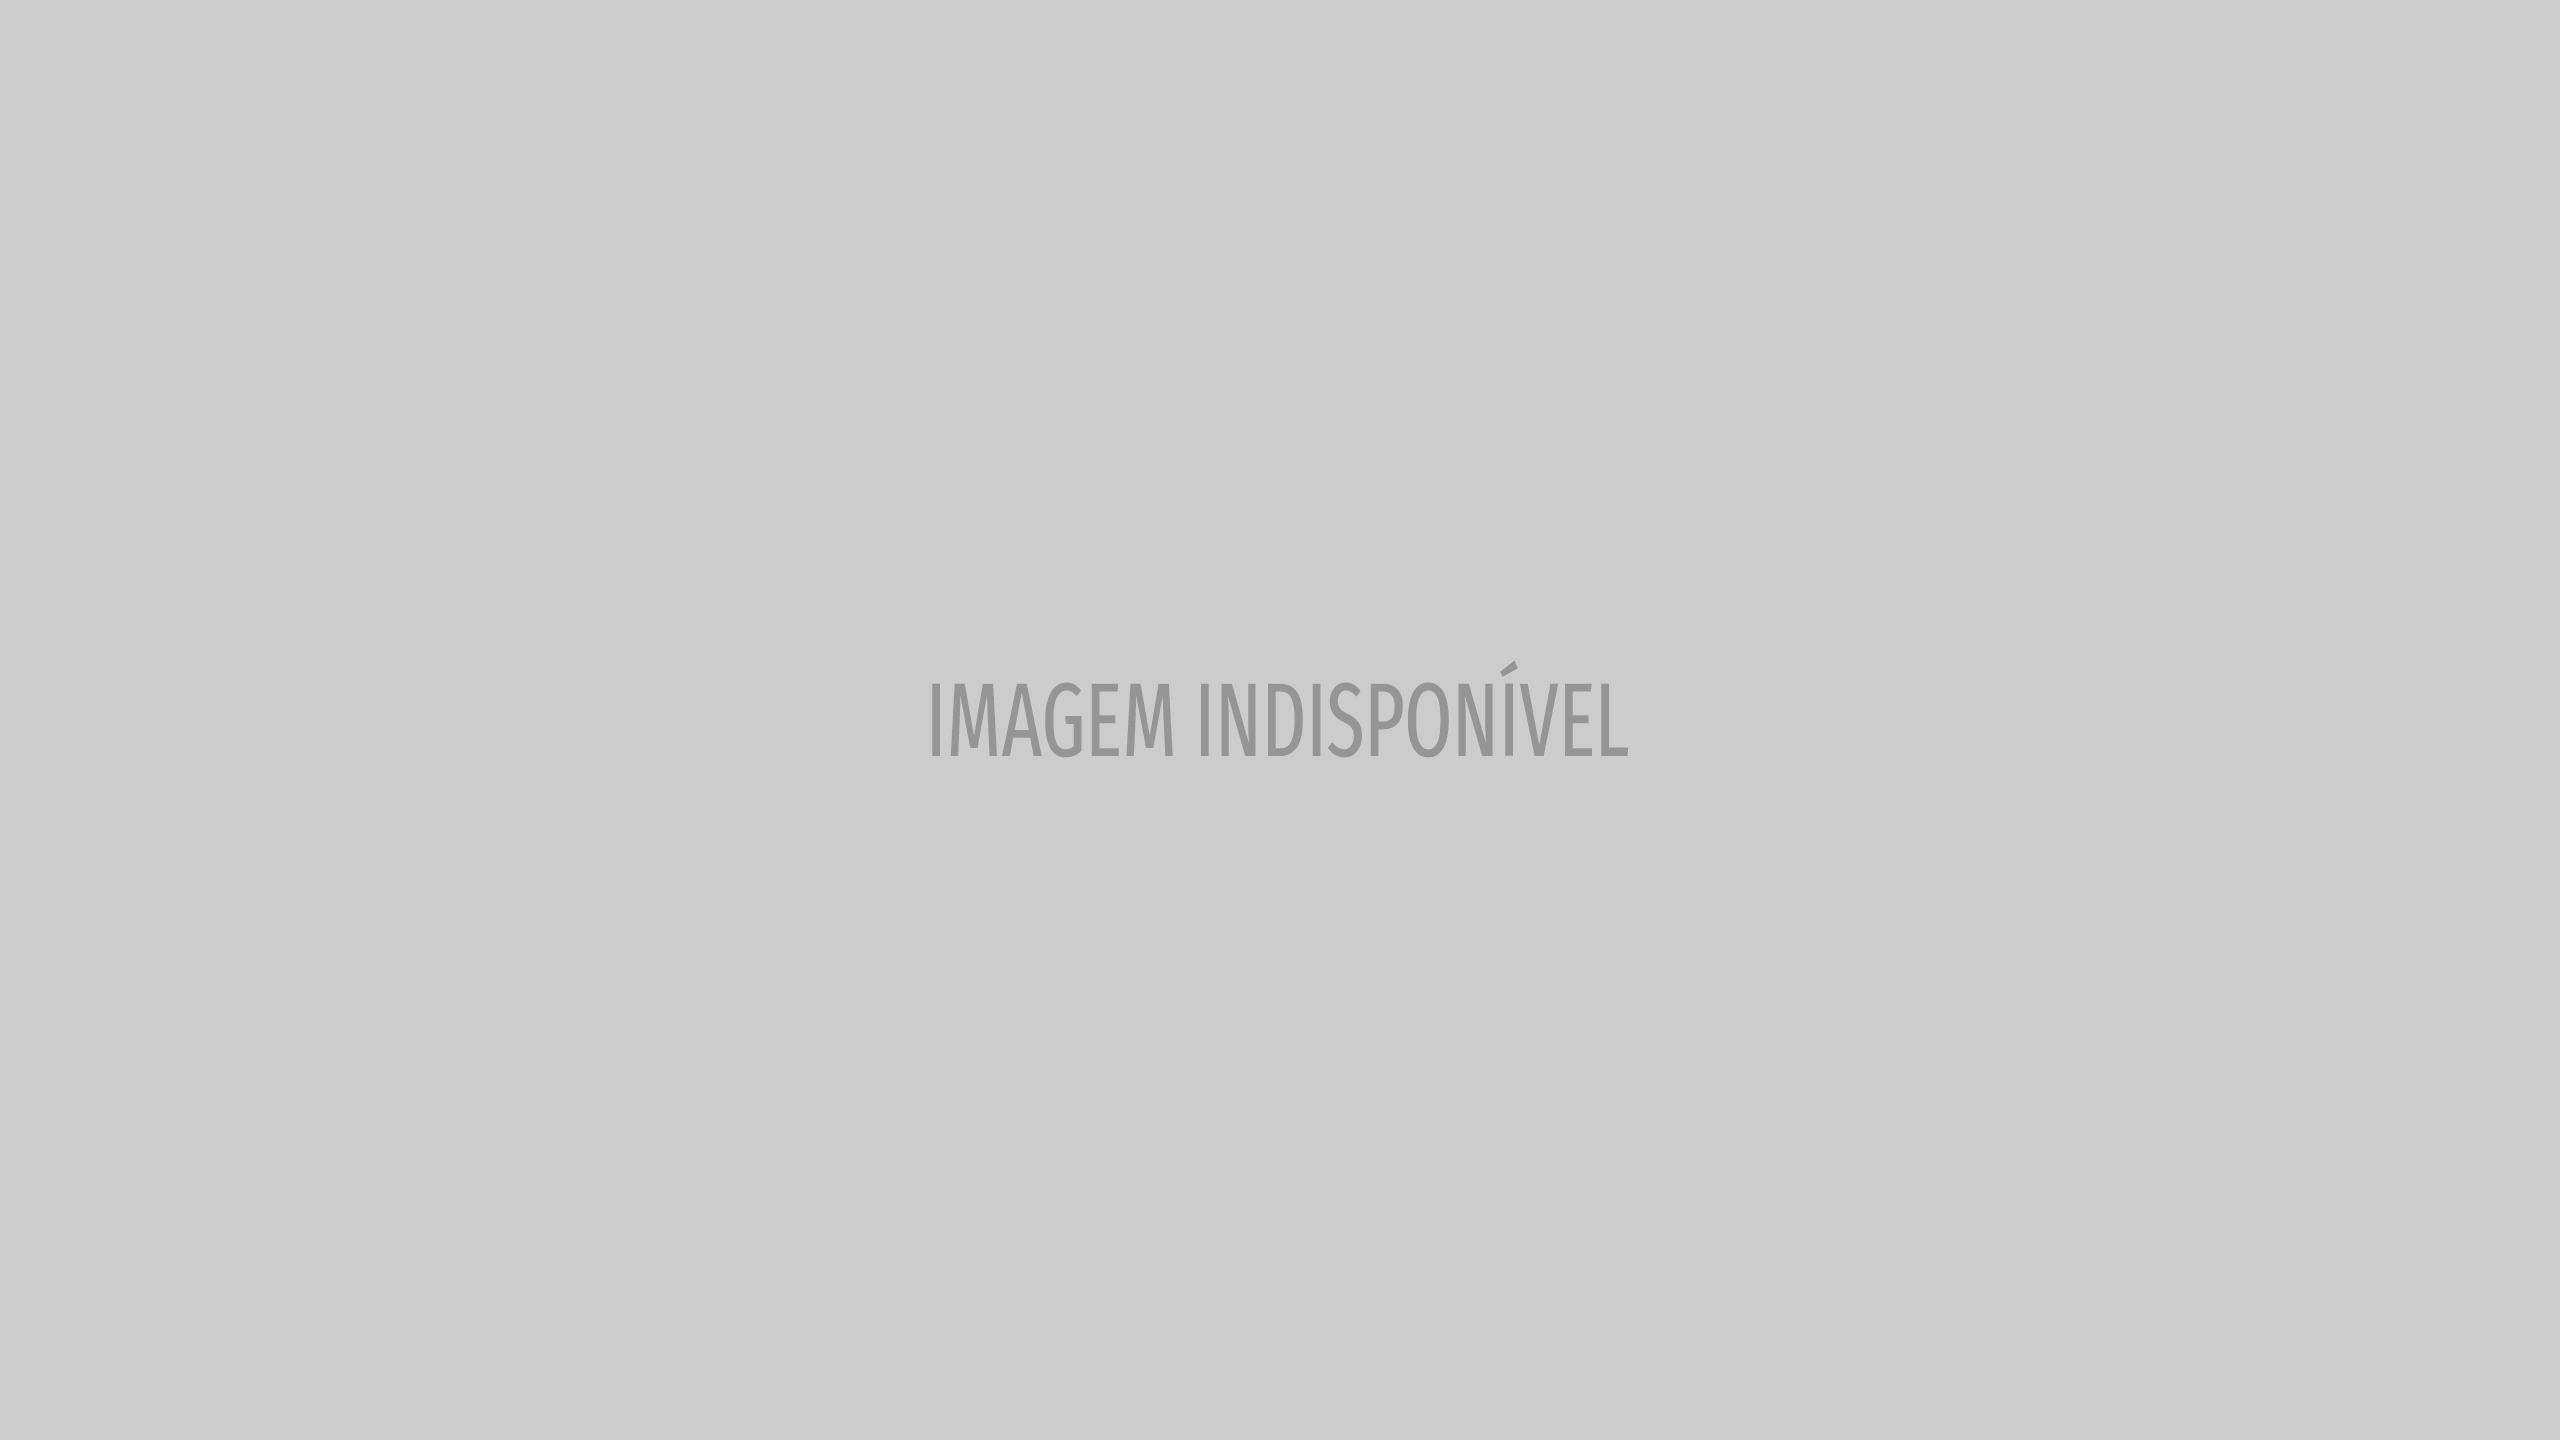 Brasileiro de 18 anos é contratado pelo Real Madrid e recebe a camisa 9